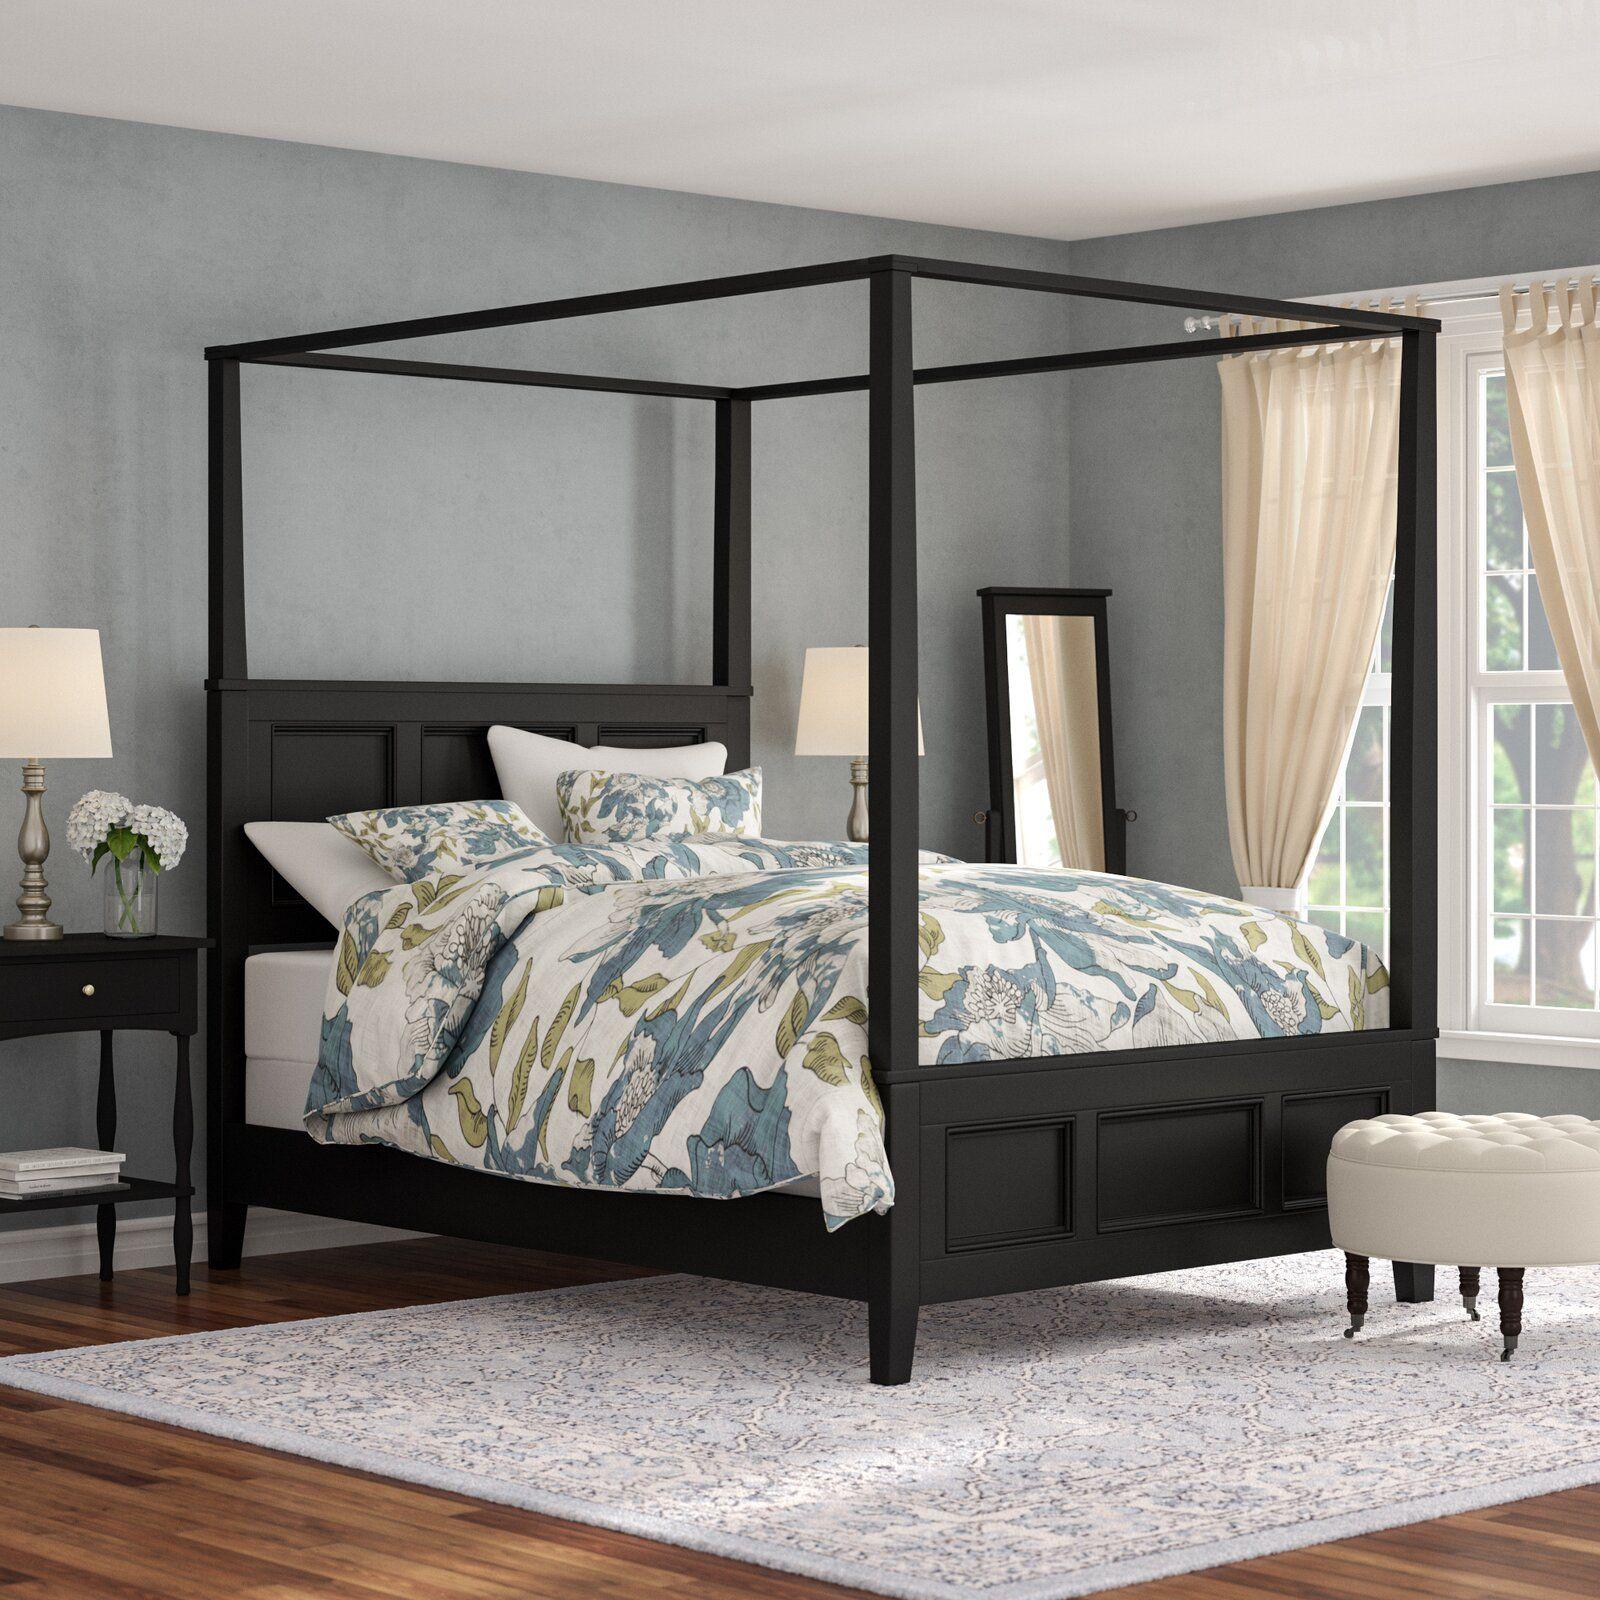 Alcott Hill Marblewood Canopy 2 Piece Bedroom Set Wayfair Bedroom Sets Simple Bedroom Home Decor